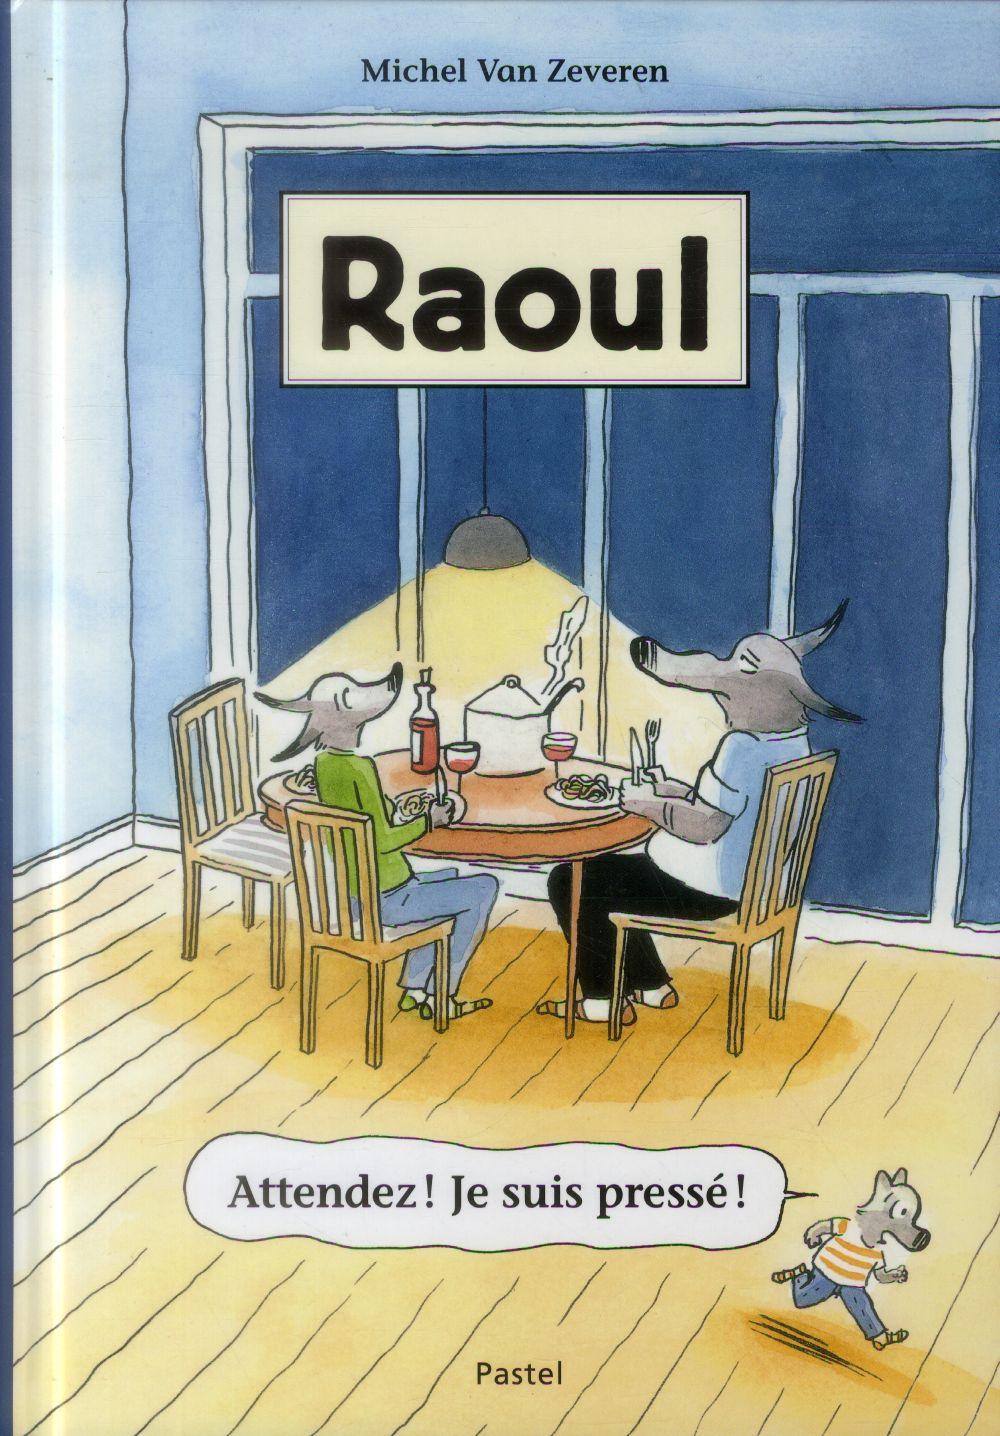 RAOUL ATTENDEZ ! JE SUIS PRESSE !